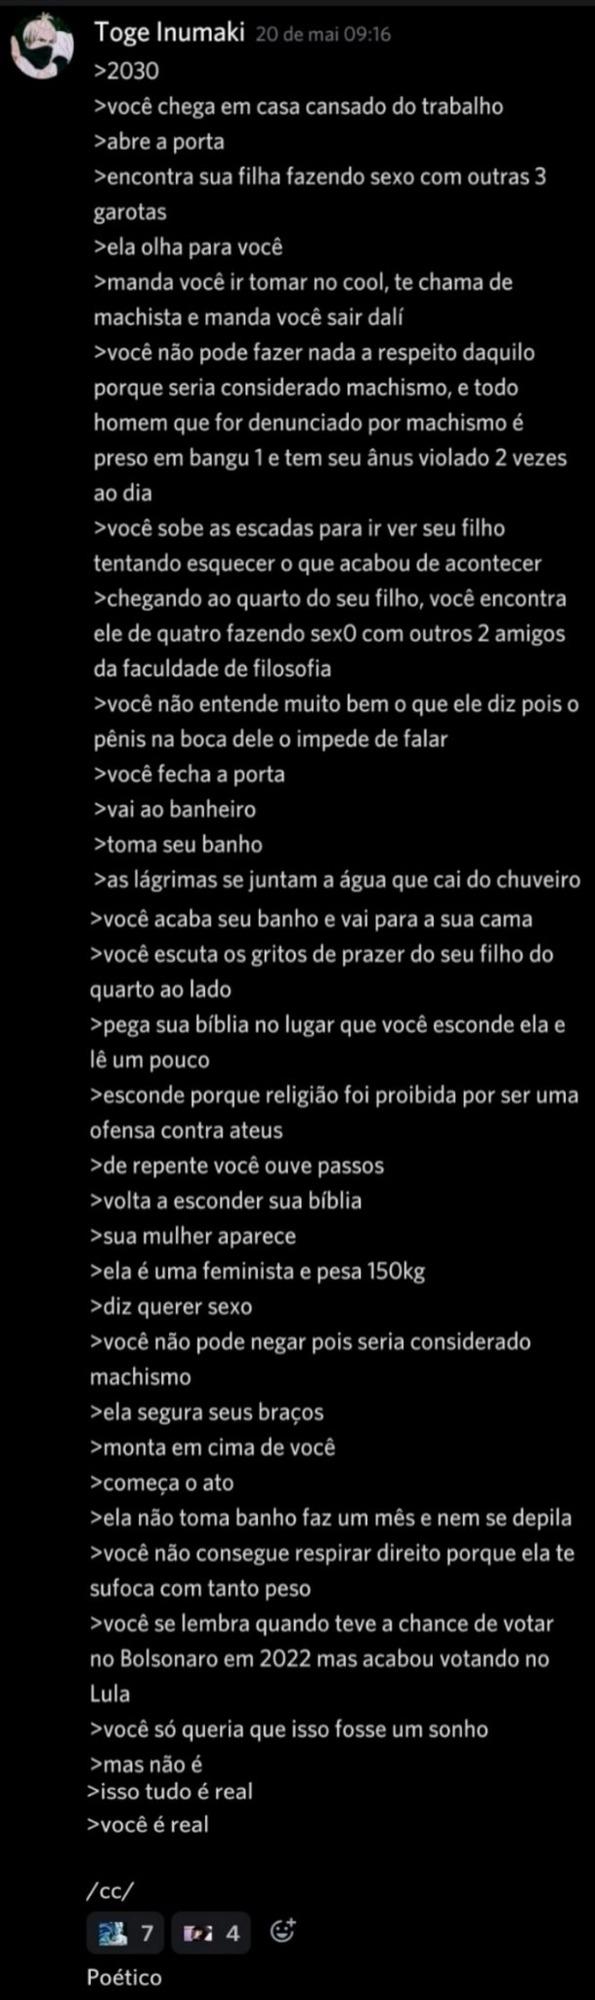 Bolsonaro 2022. - meme